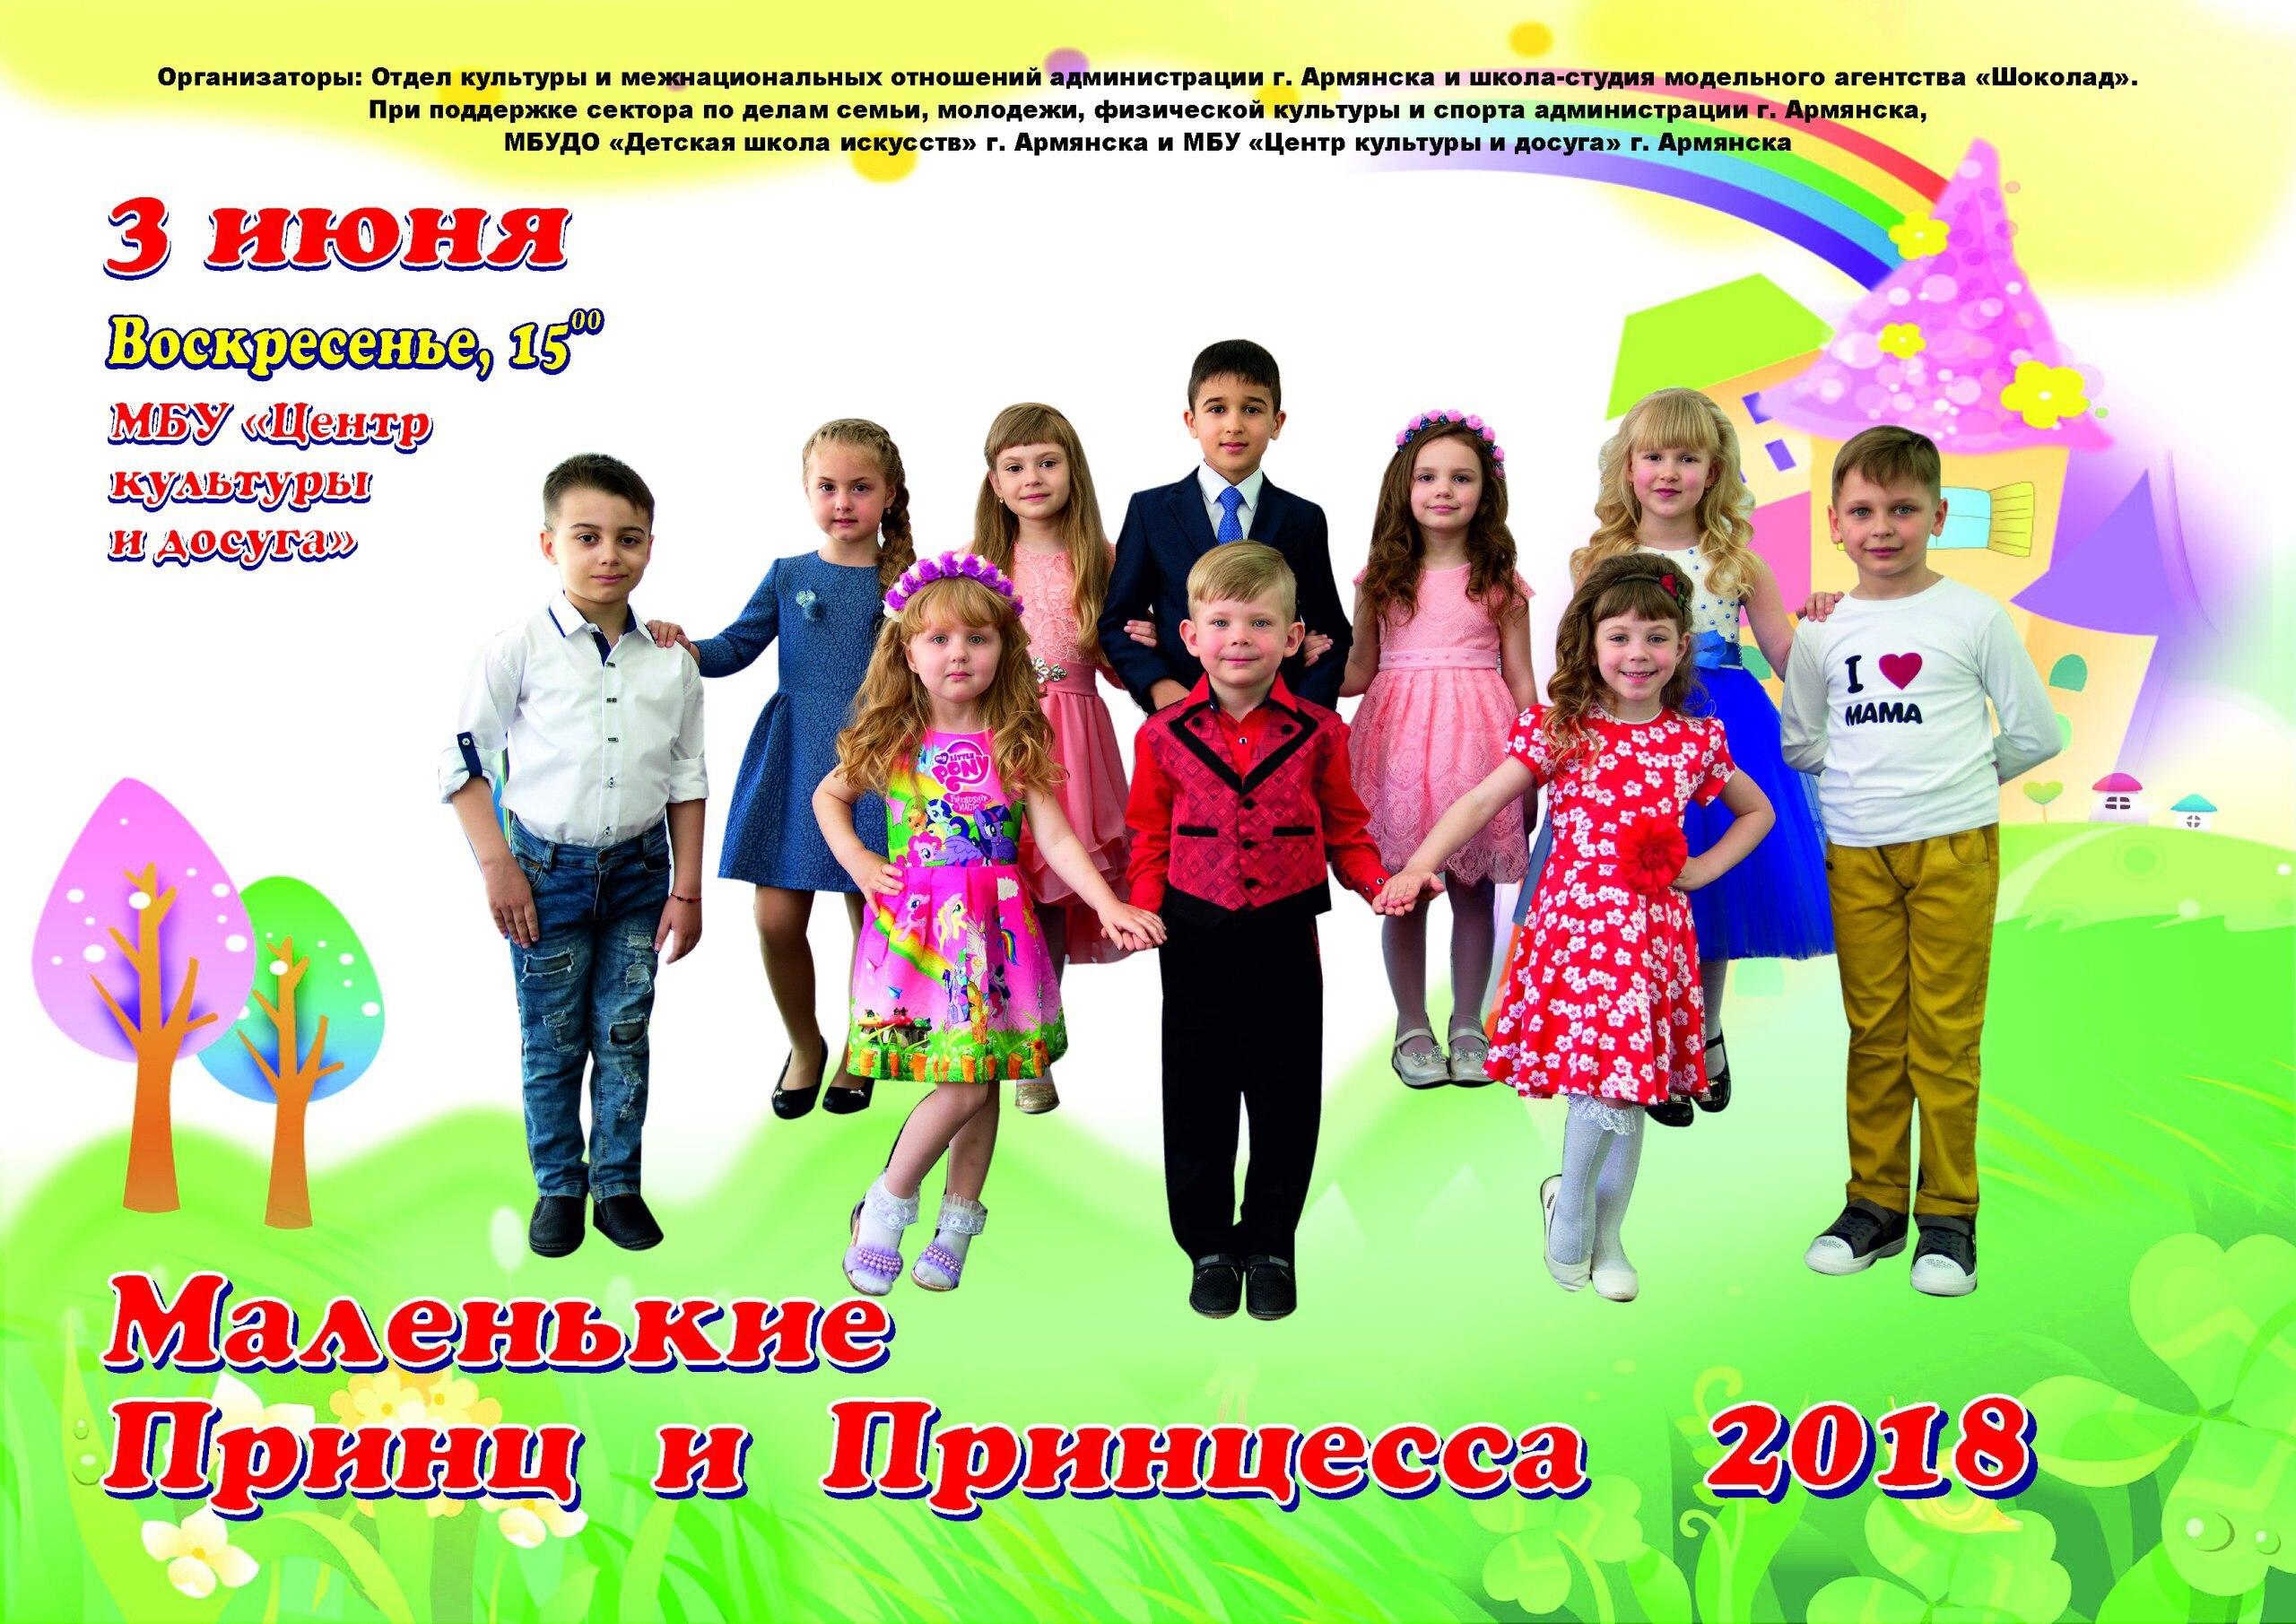 В Армянске пройдет конкурс